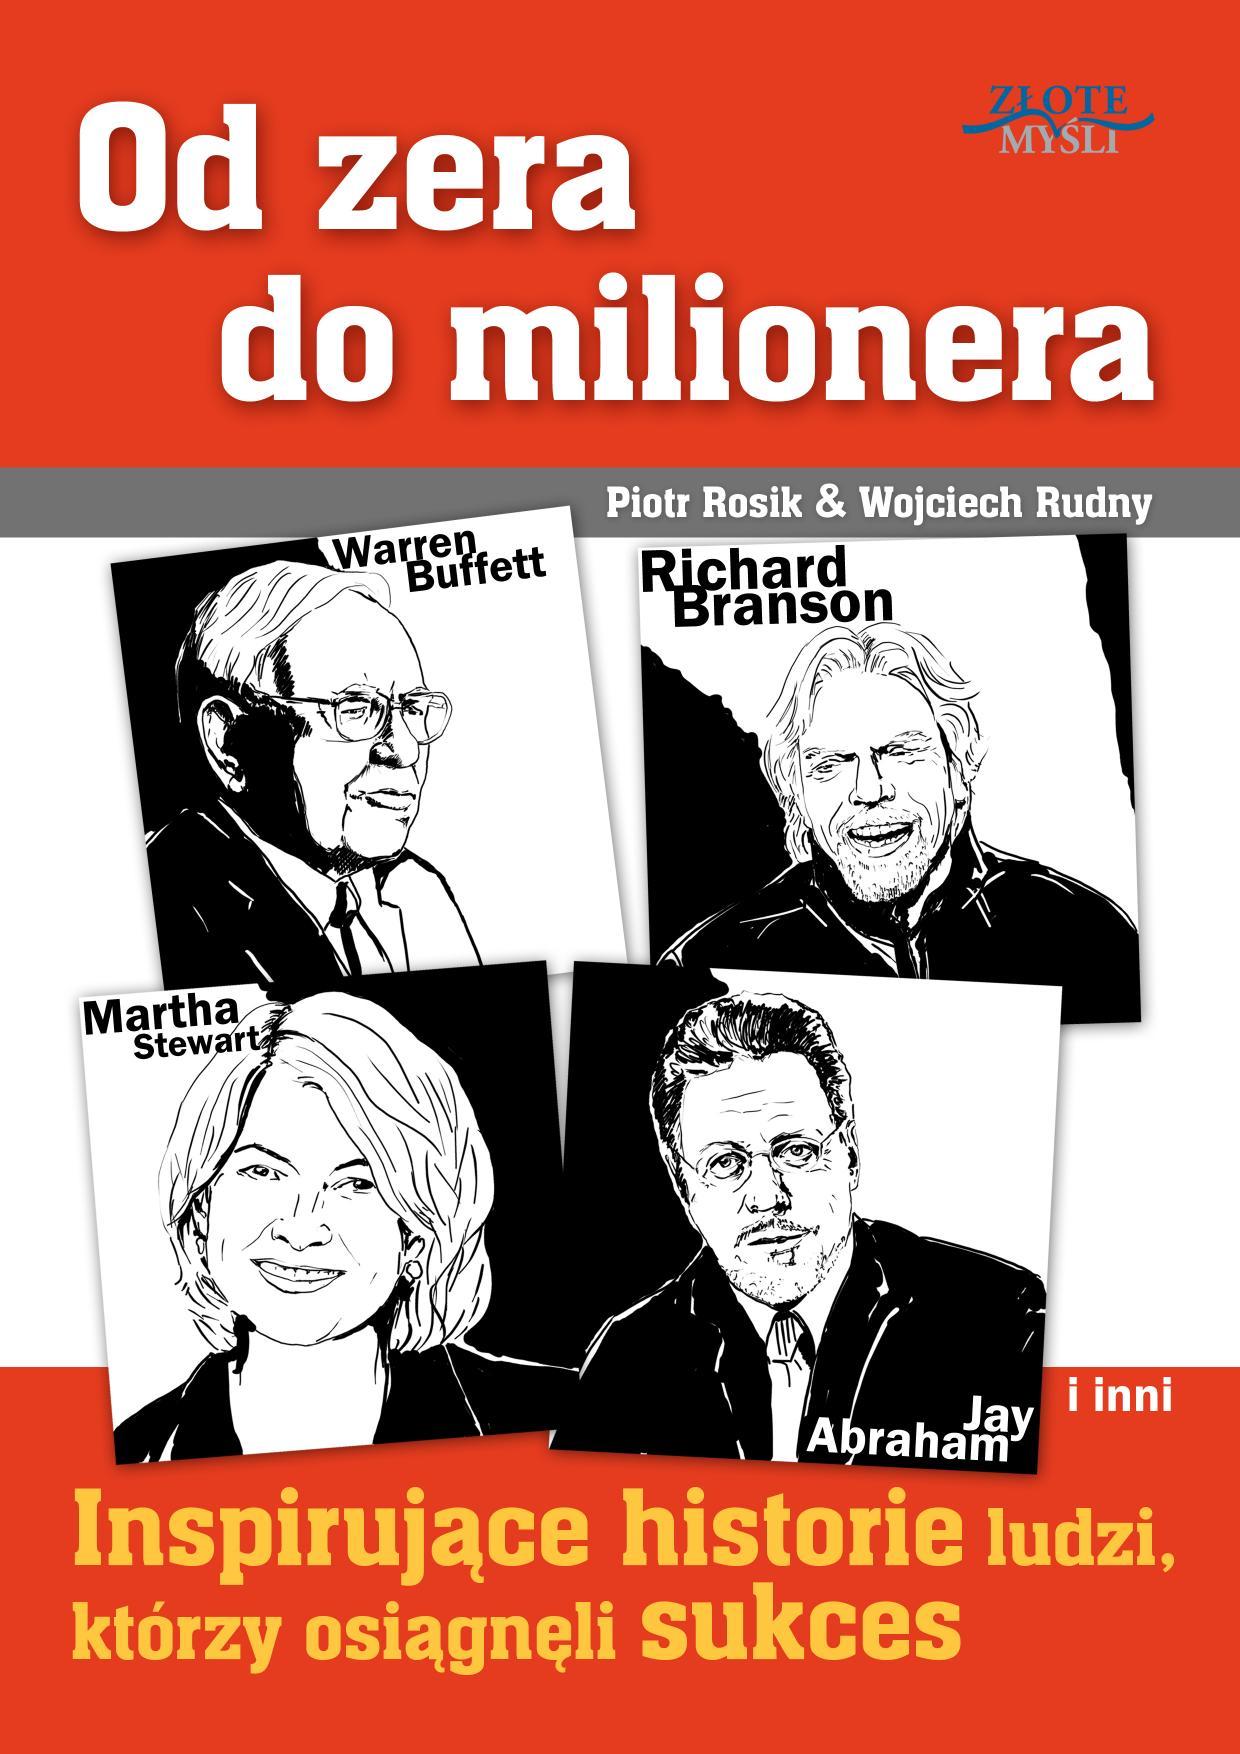 Piotr Rosik, Wojciech Rudny: Od zera do milionera - okładka